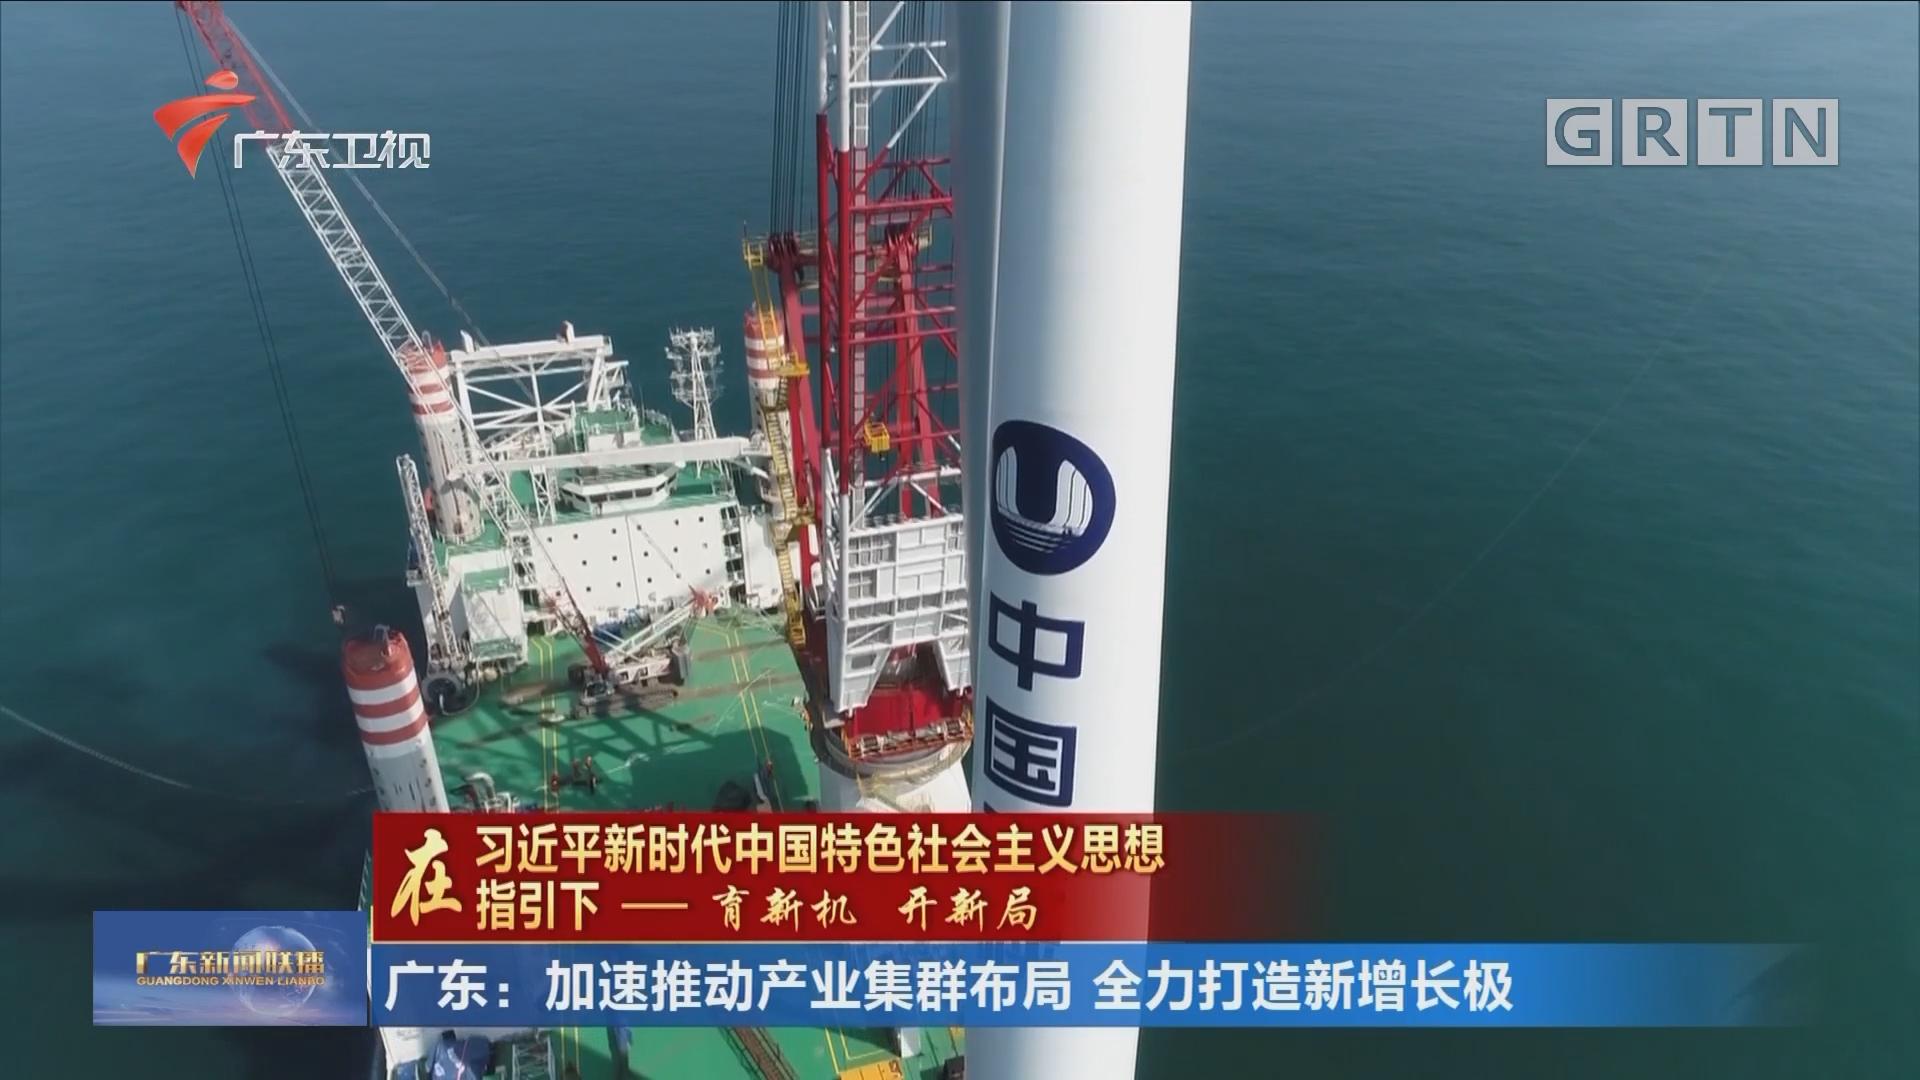 广东:加速推动产业集群布局 全力打造新增长极